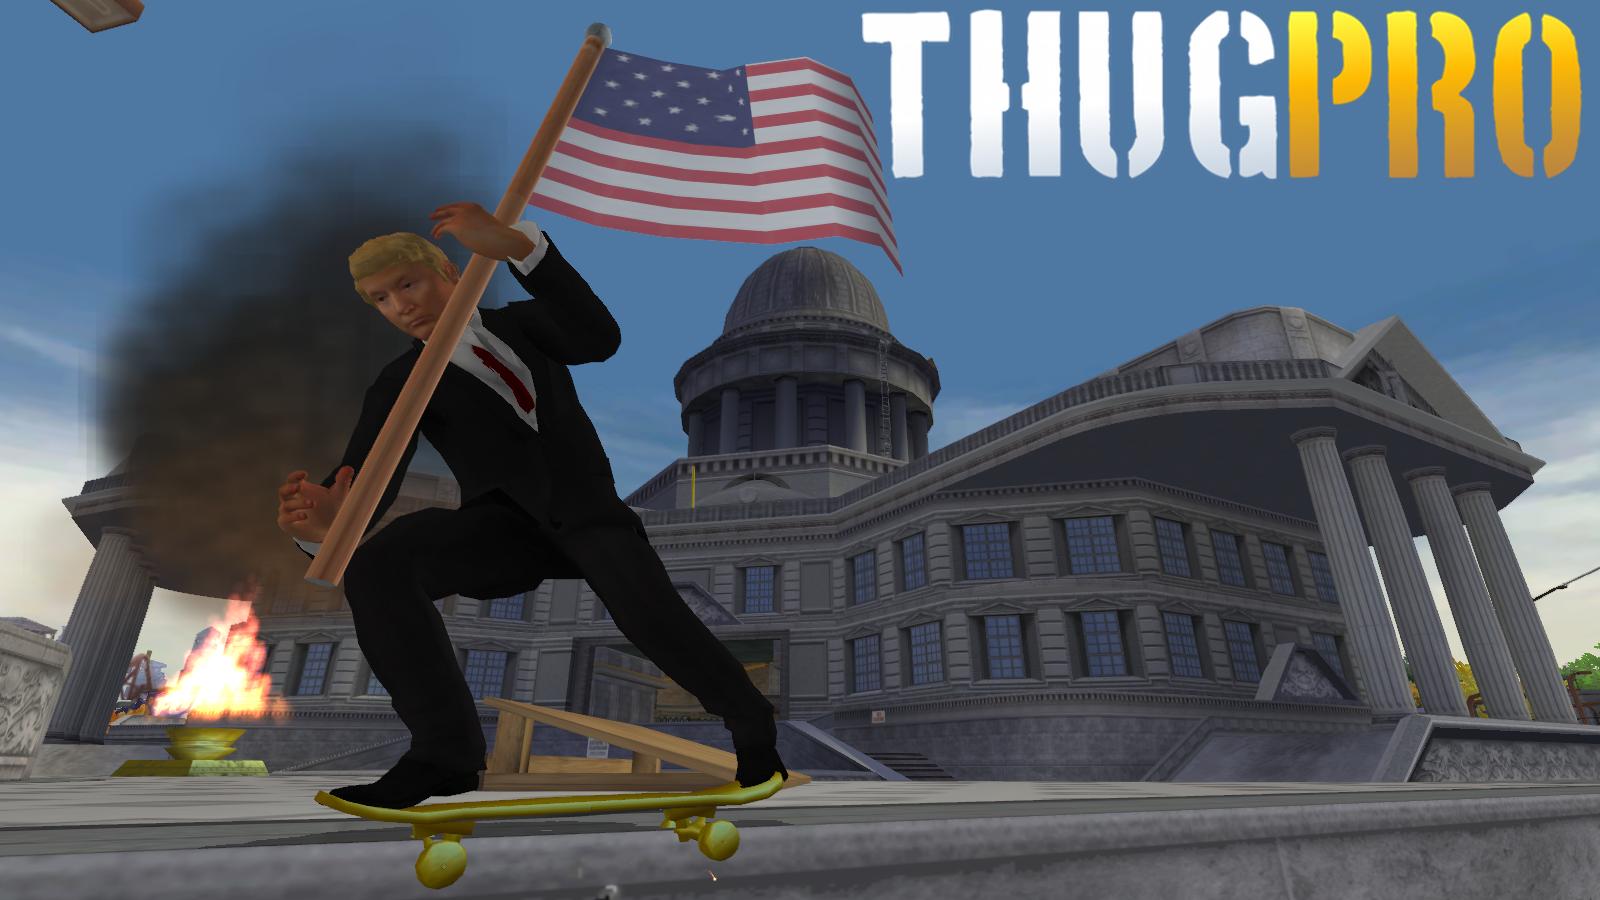 THUG Pro Free Download